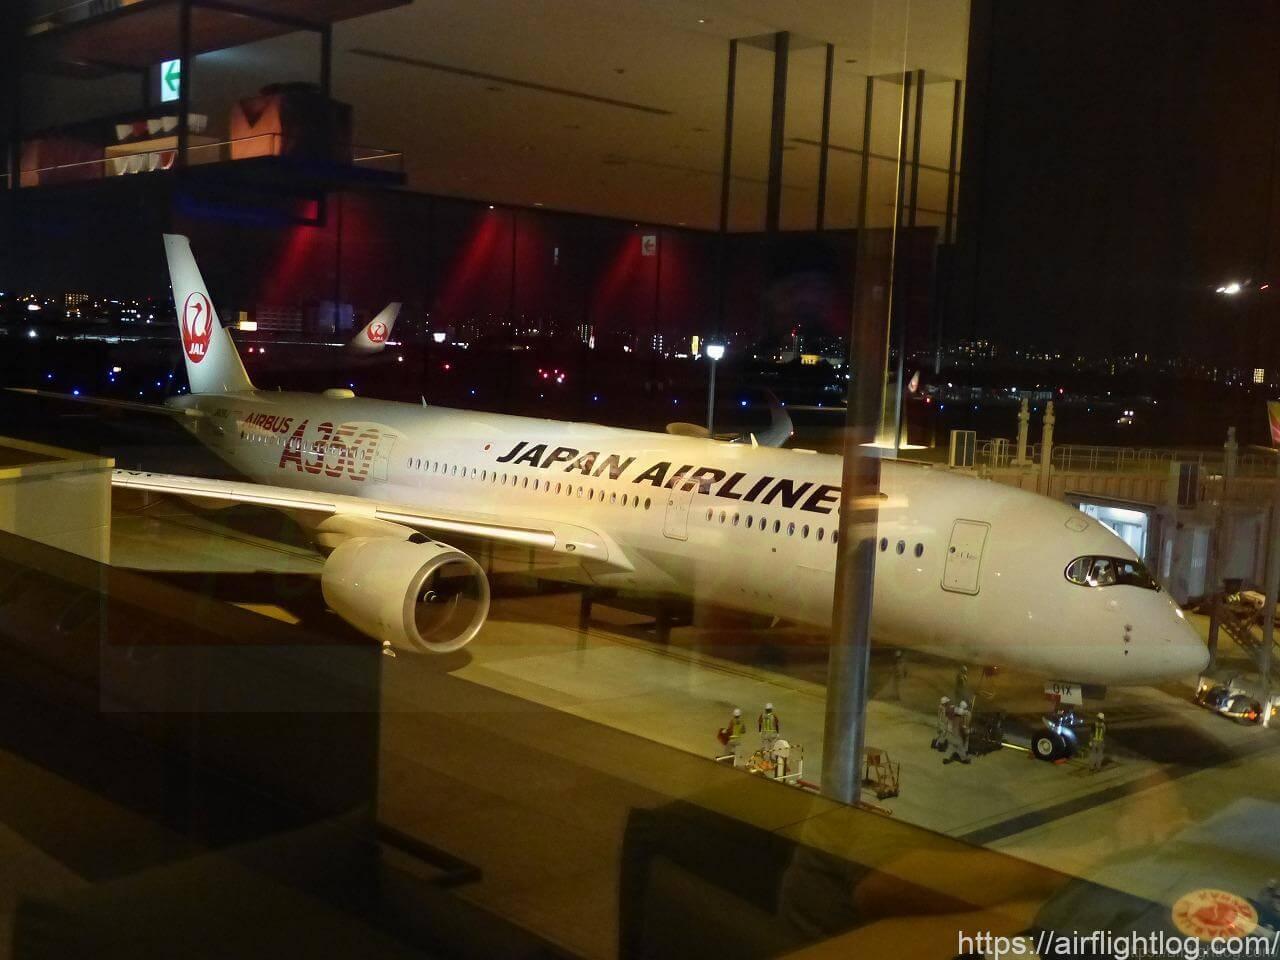 JALA350-900